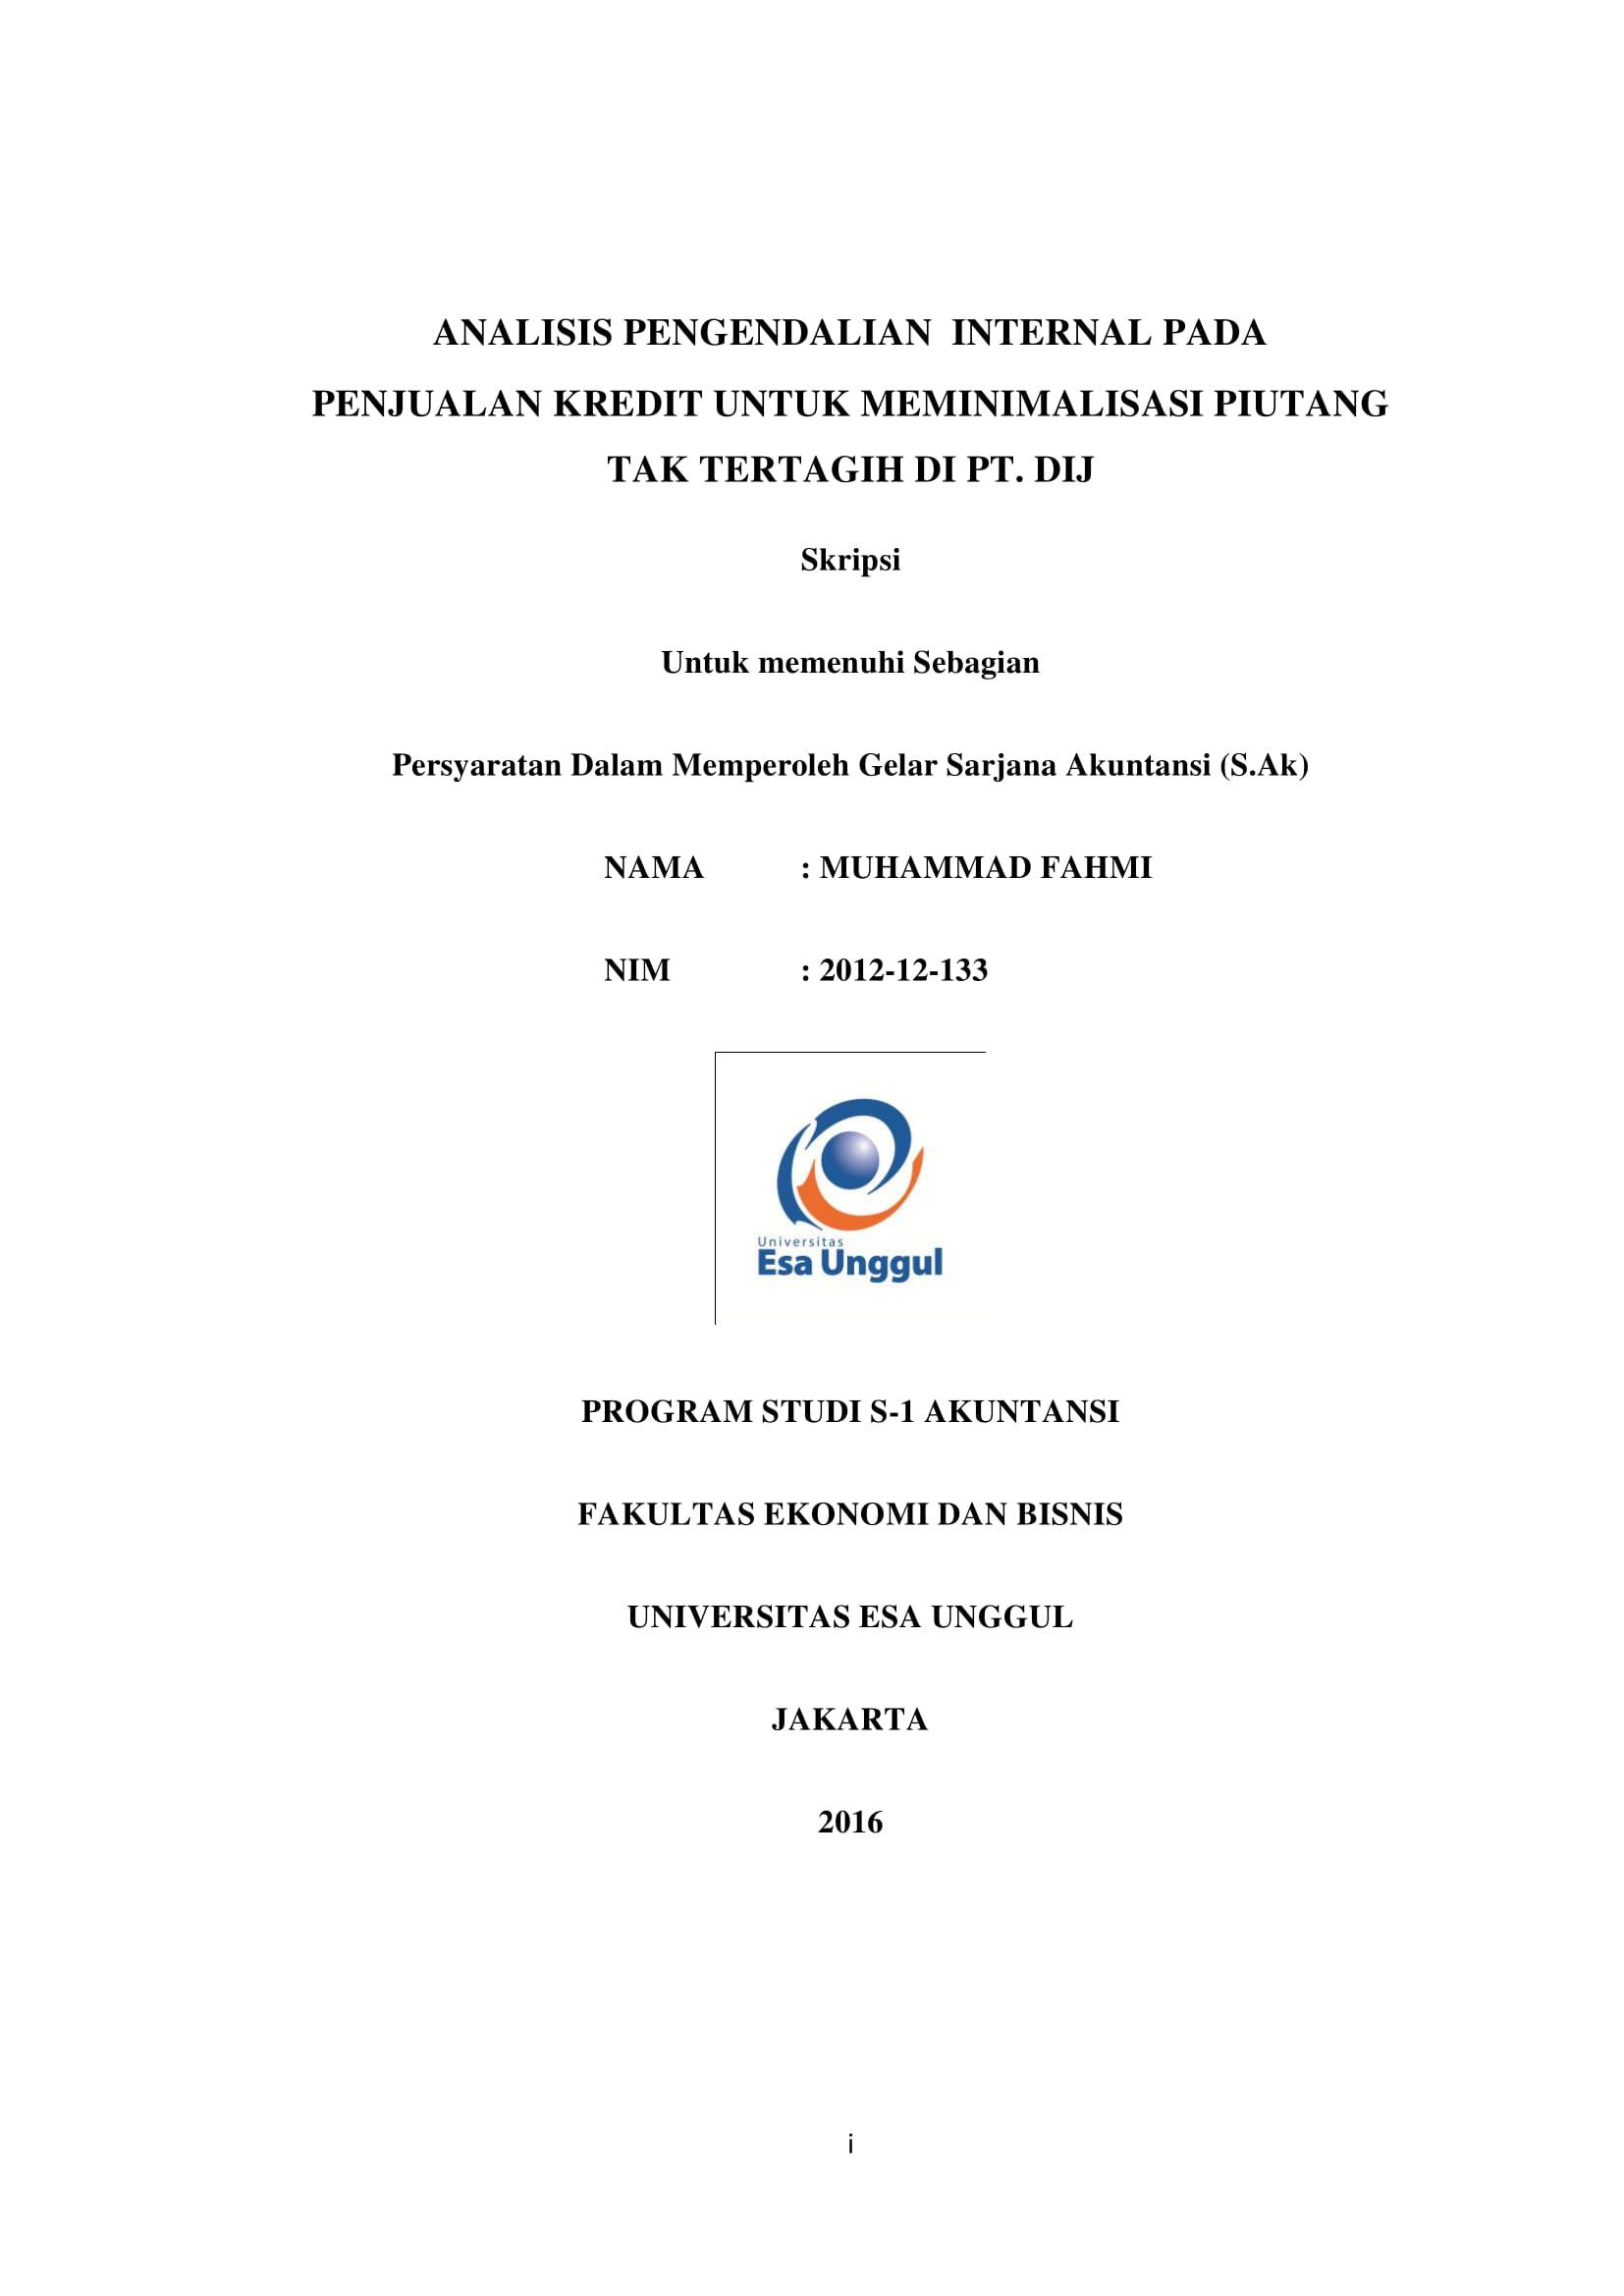 Analisis Pengendalian Internal pada Penjualan Kredit untuk Meminimalisasi Piutang Tak Tertagih di PT. DIJ